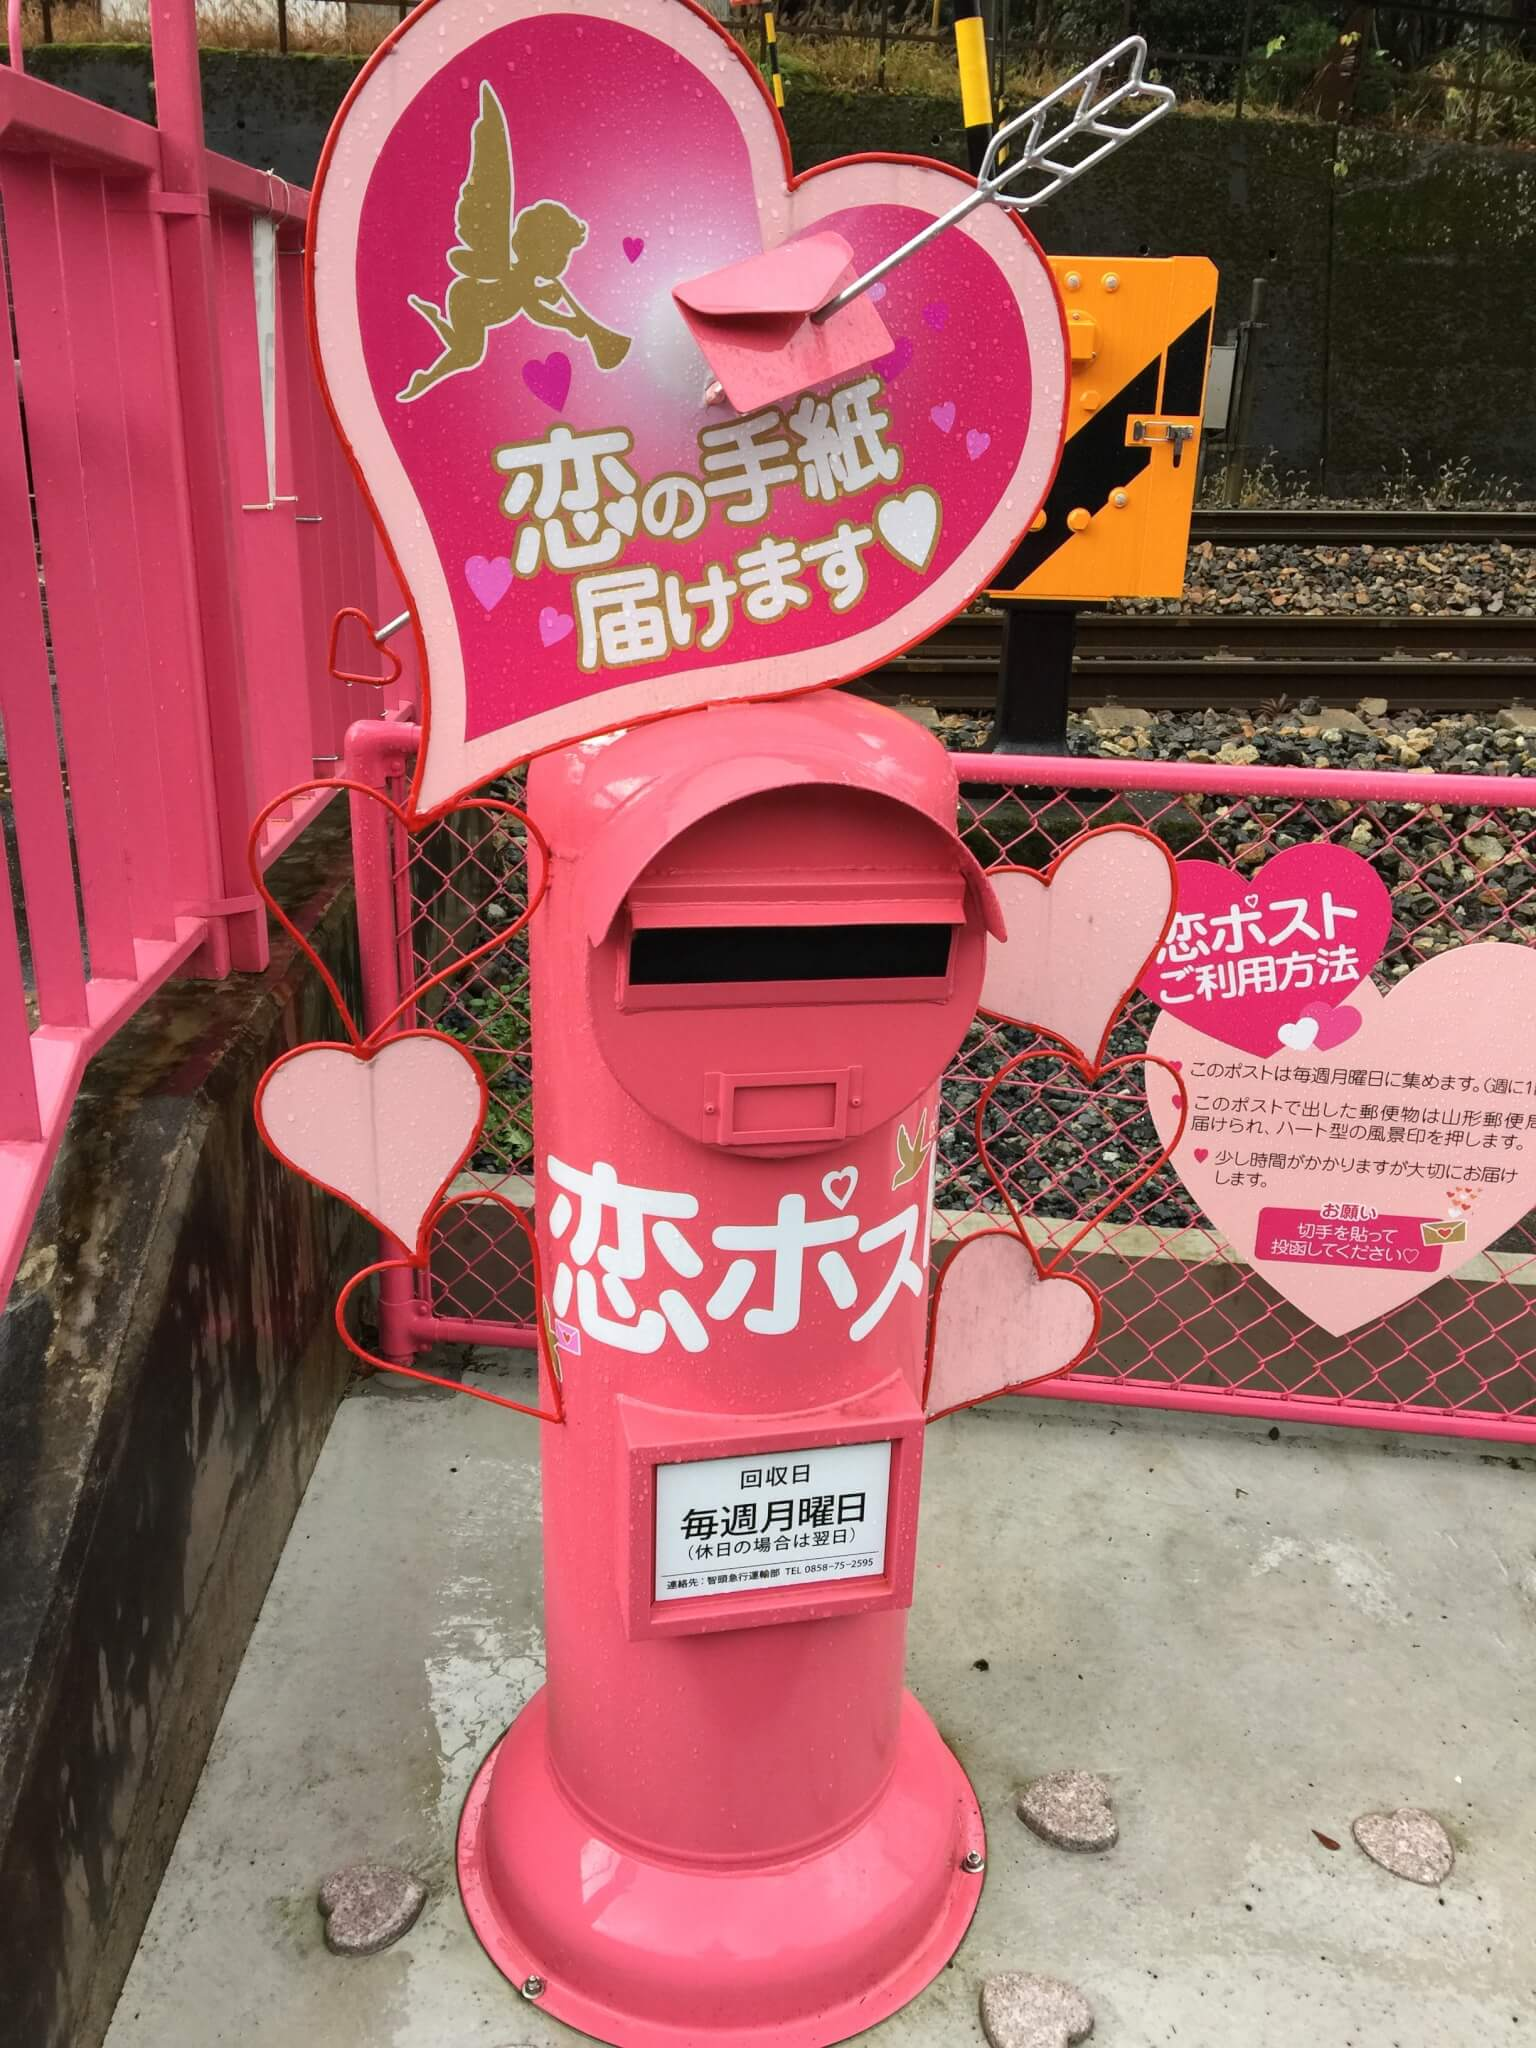 恋愛成就・縁結びのパワースポット駅はピンク一色!鳥取・恋山形駅なら恋が叶う?